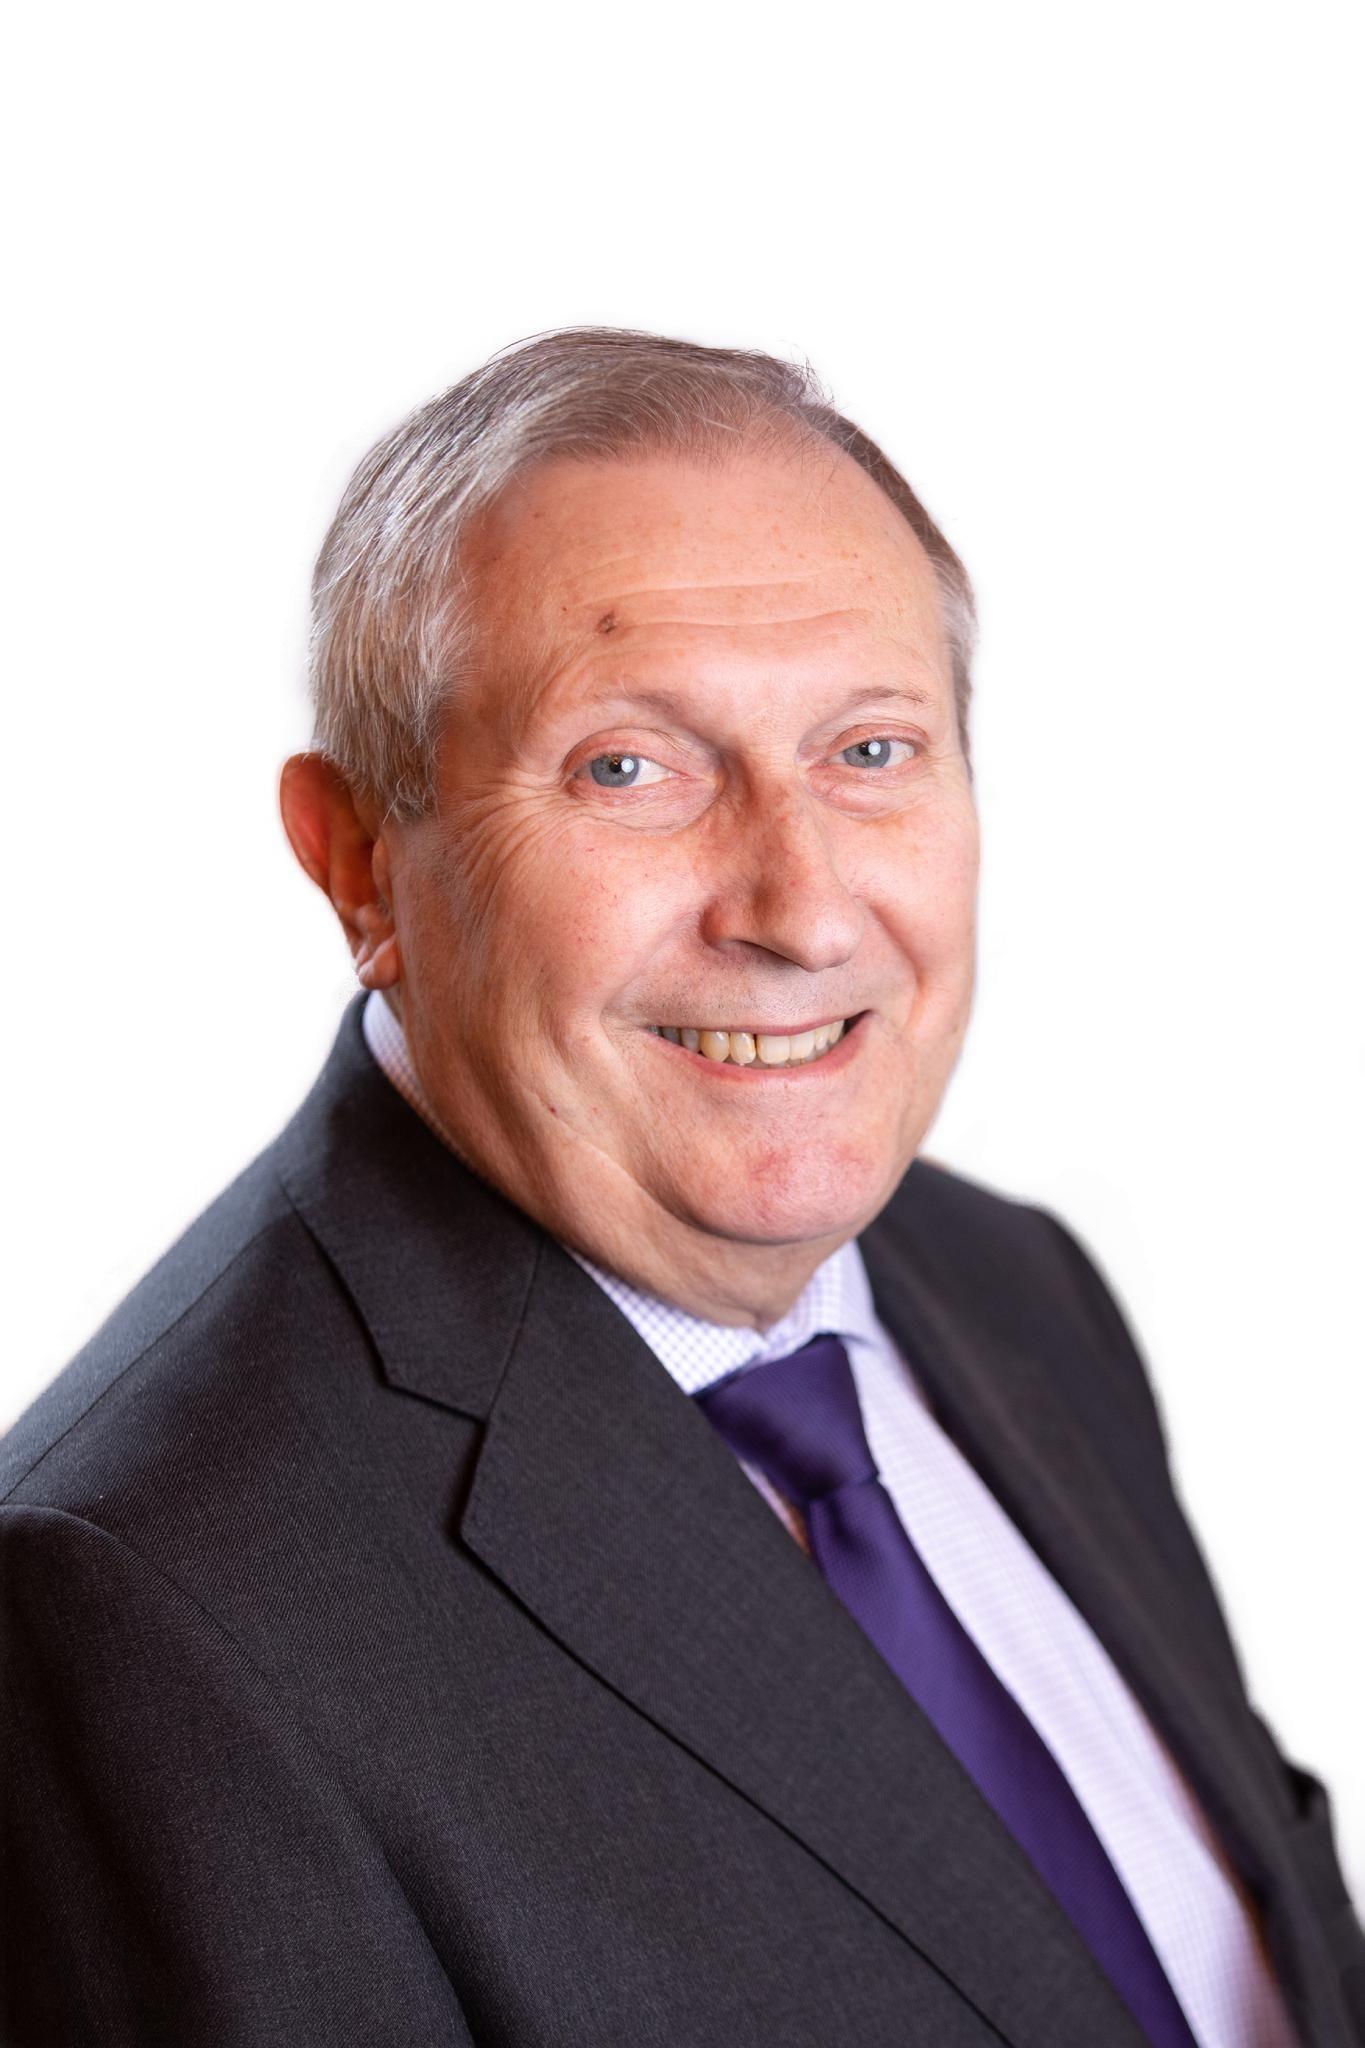 Ken Meanwell